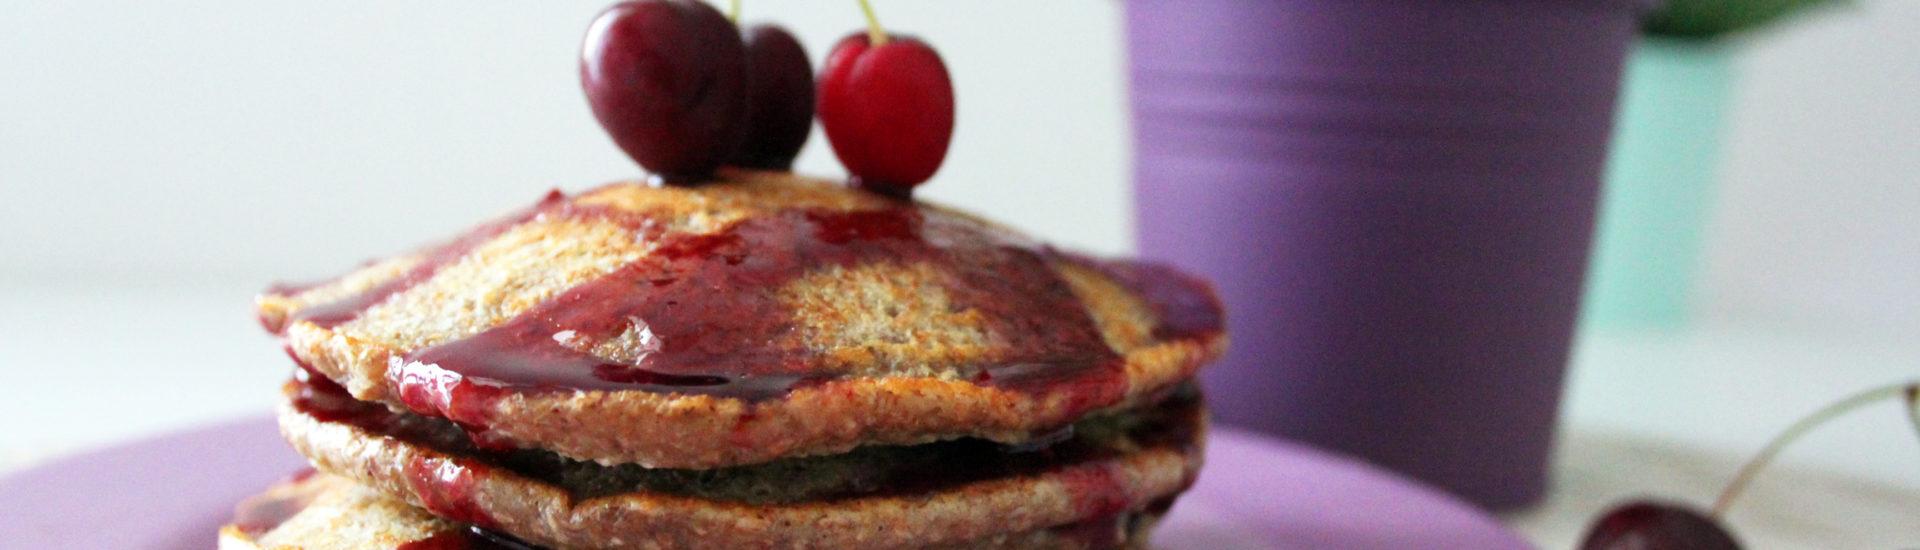 pancake vegan integrali senza zucchero